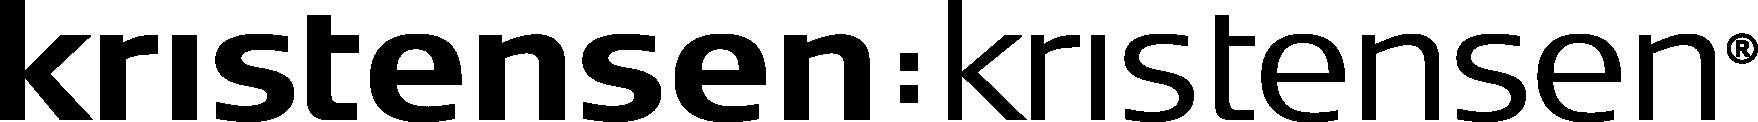 Kristensen & Kristensen logo